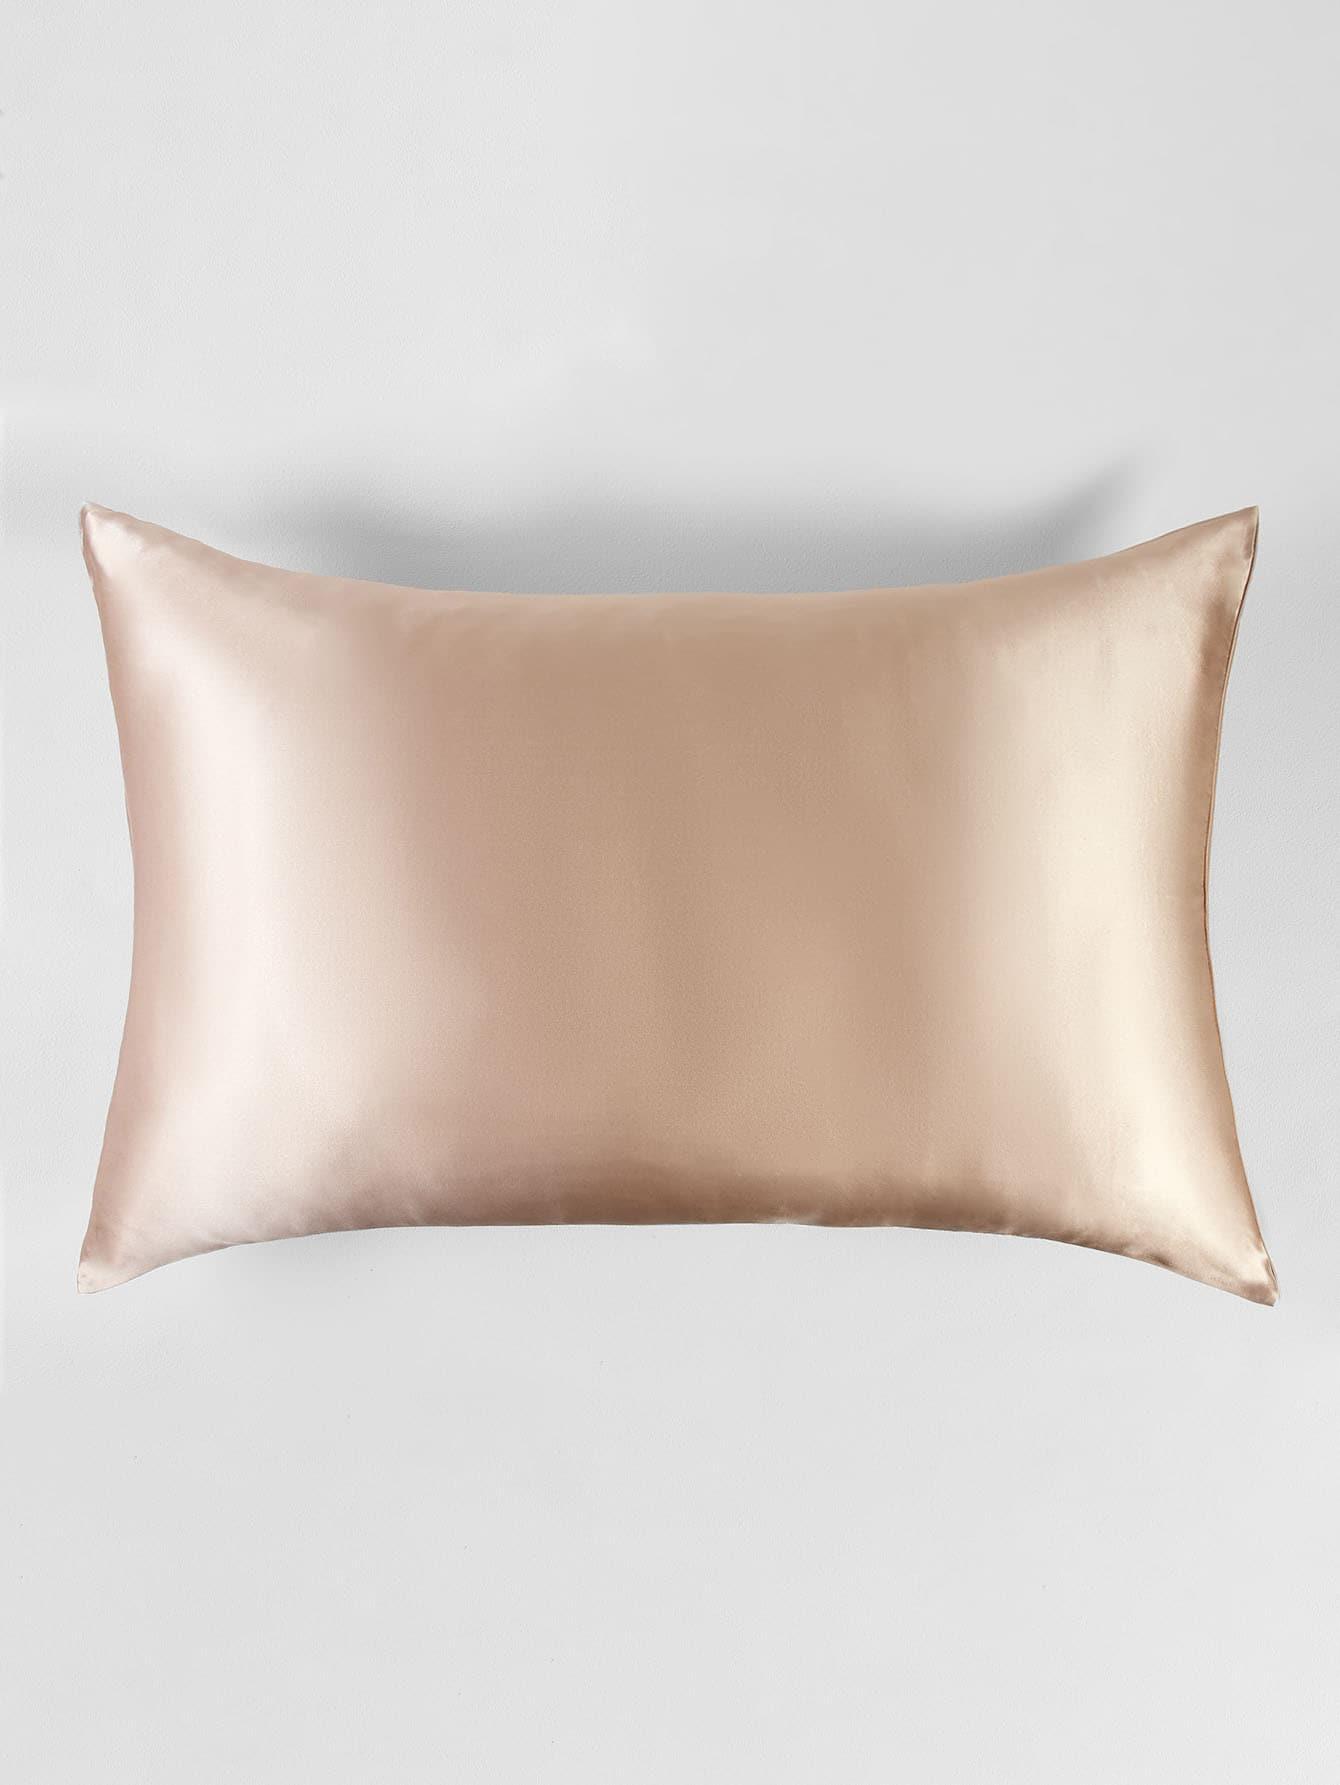 50 Gift Ideas for Mums | Silk Pillow Cases | Beanstalk Mums